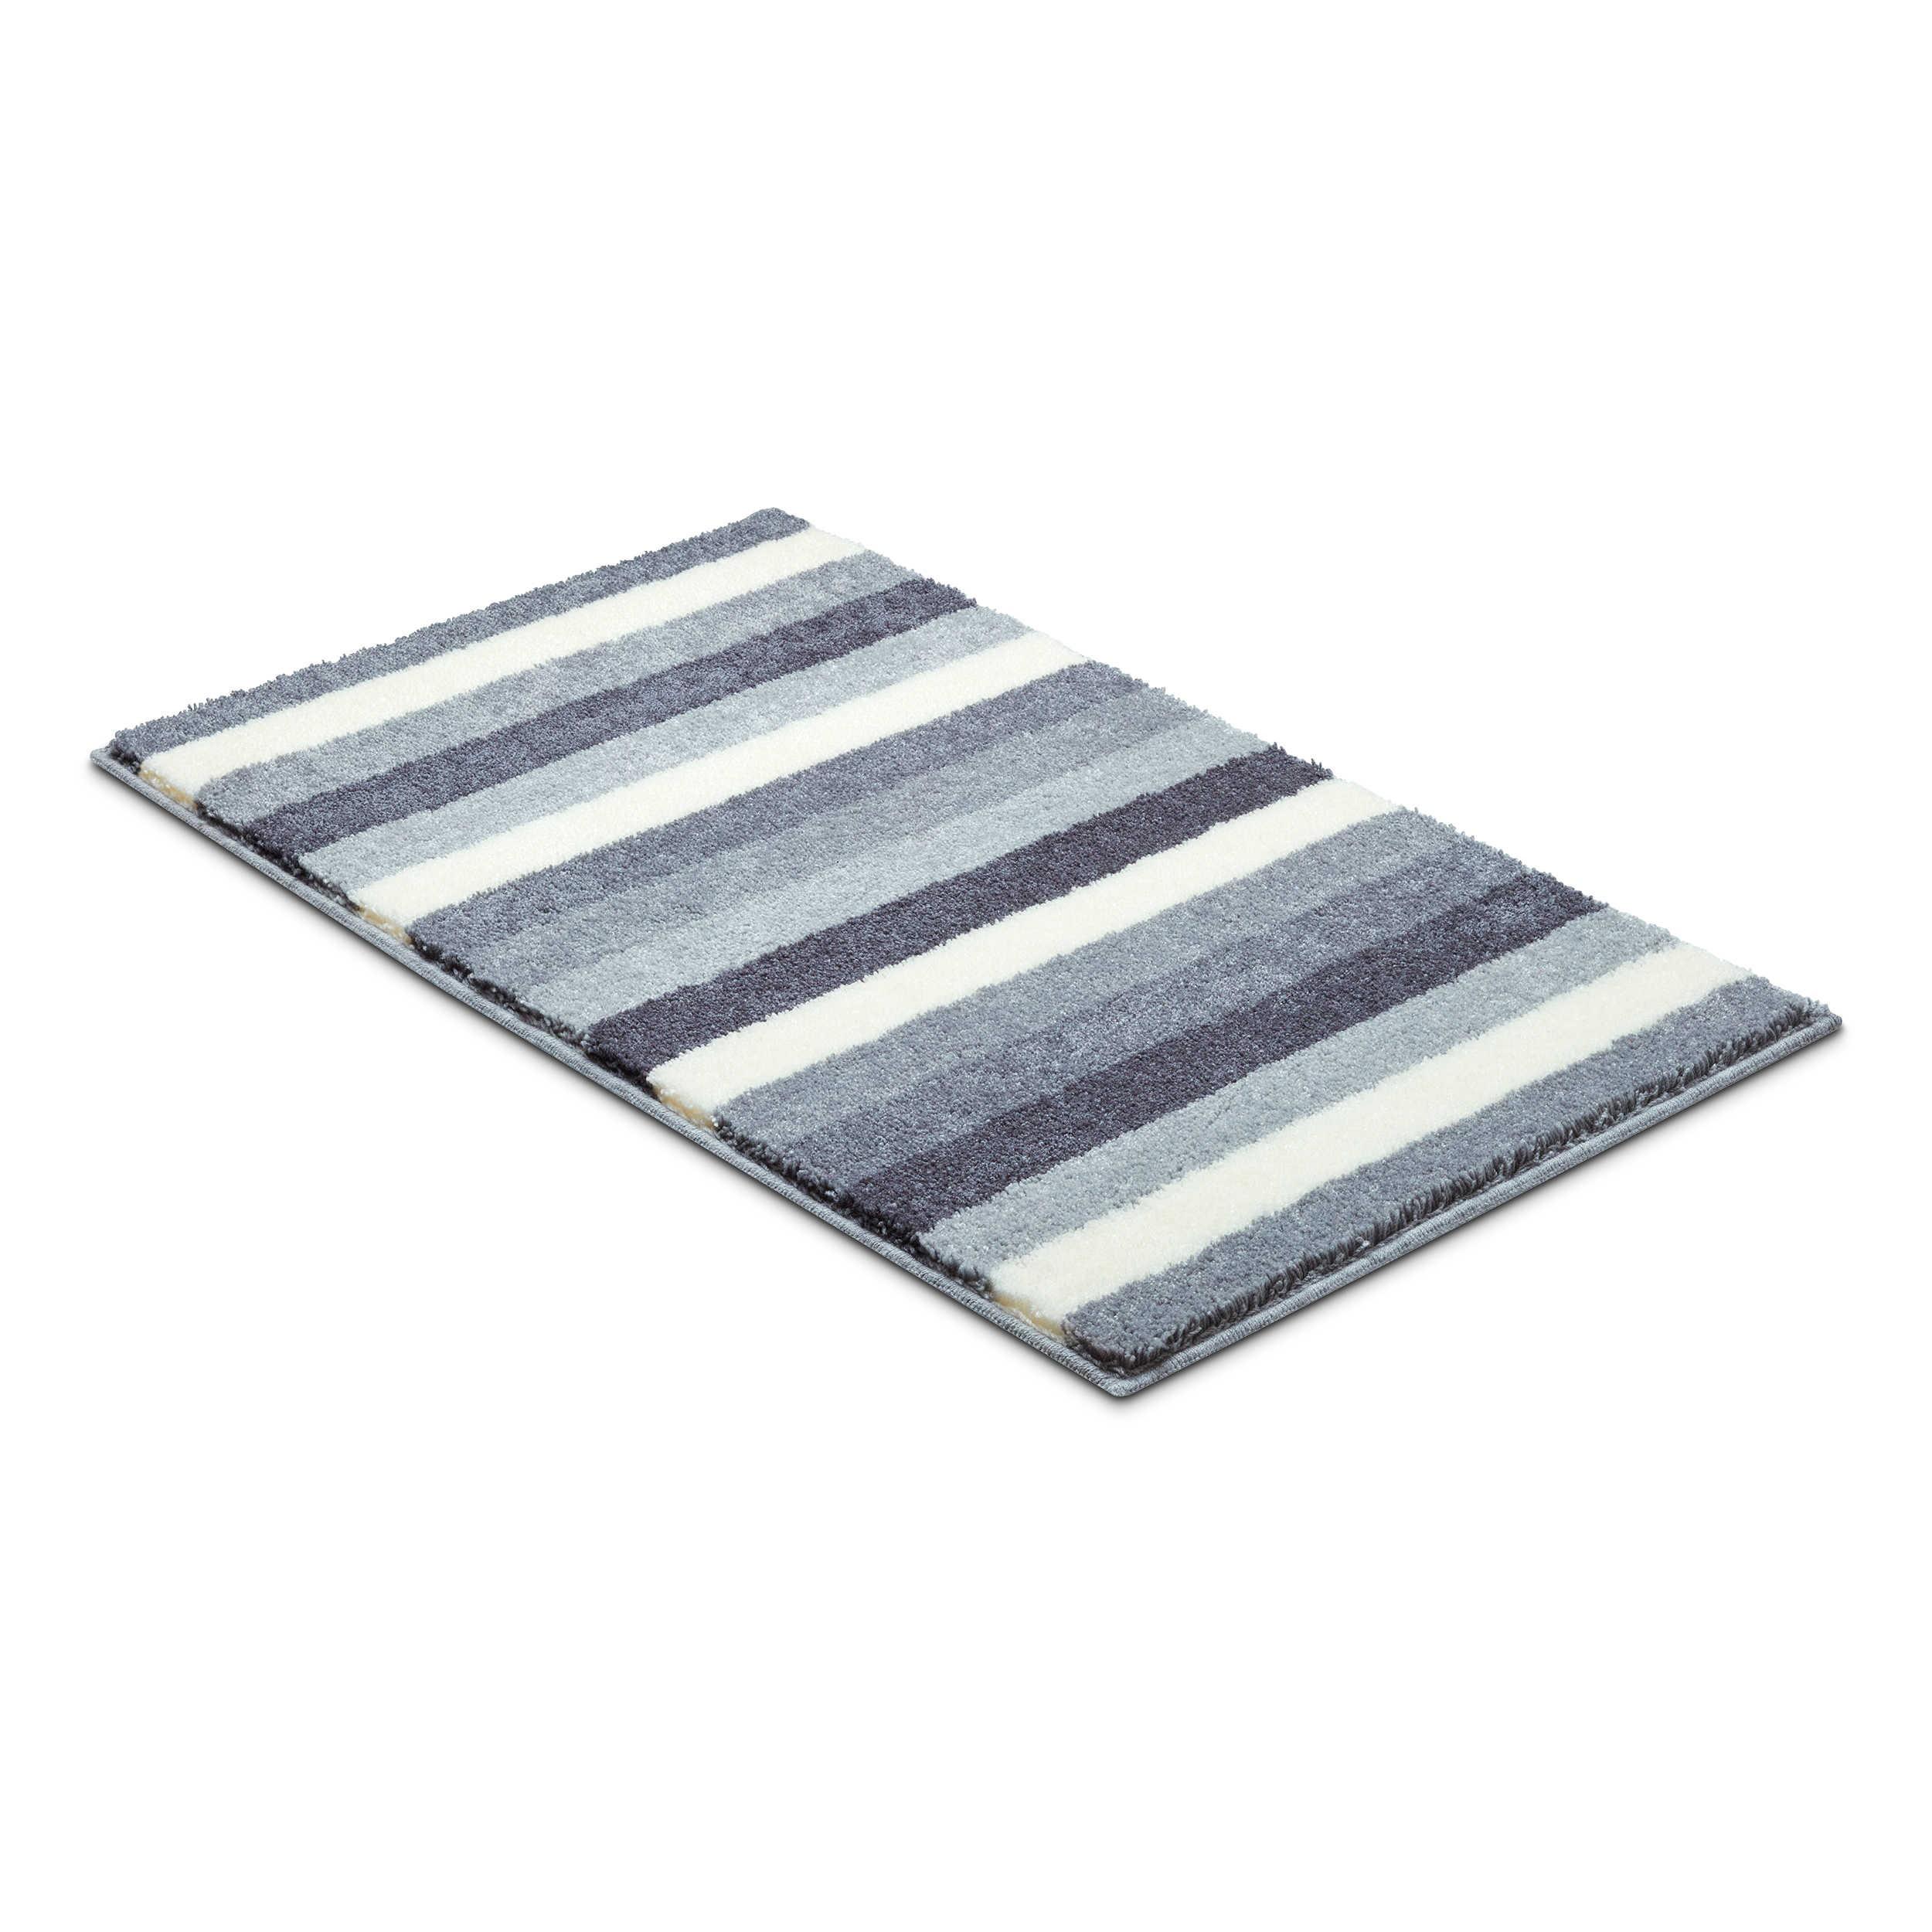 grund badteppich barcelona 80 x 140 cm grau polyacryl 80 x 140 cm online kaufen bei woonio. Black Bedroom Furniture Sets. Home Design Ideas